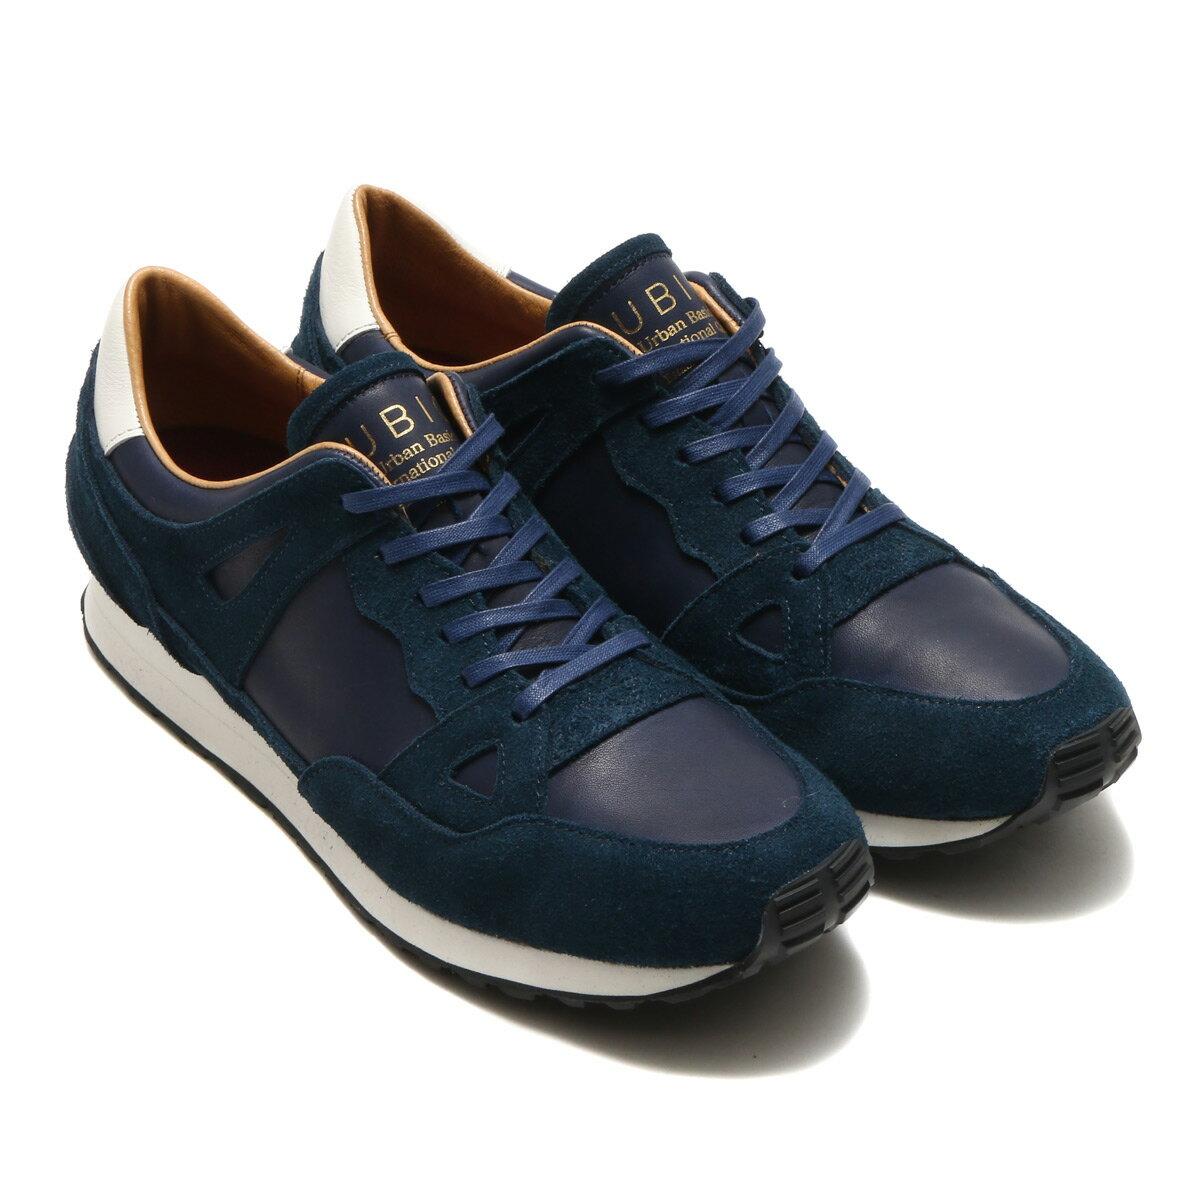 メンズ靴, スニーカー UBIQ BALLY J( )NAVY 17FW-S